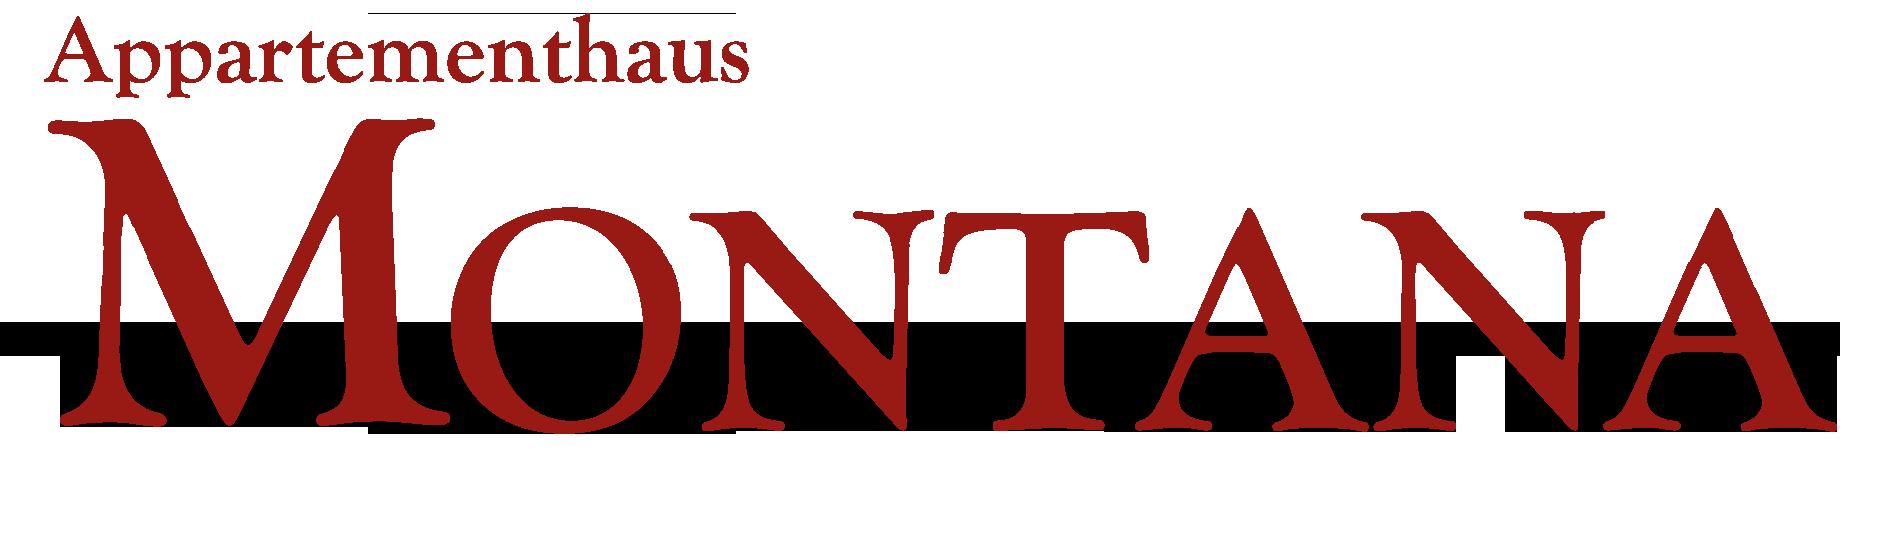 Appartementhaus Montana